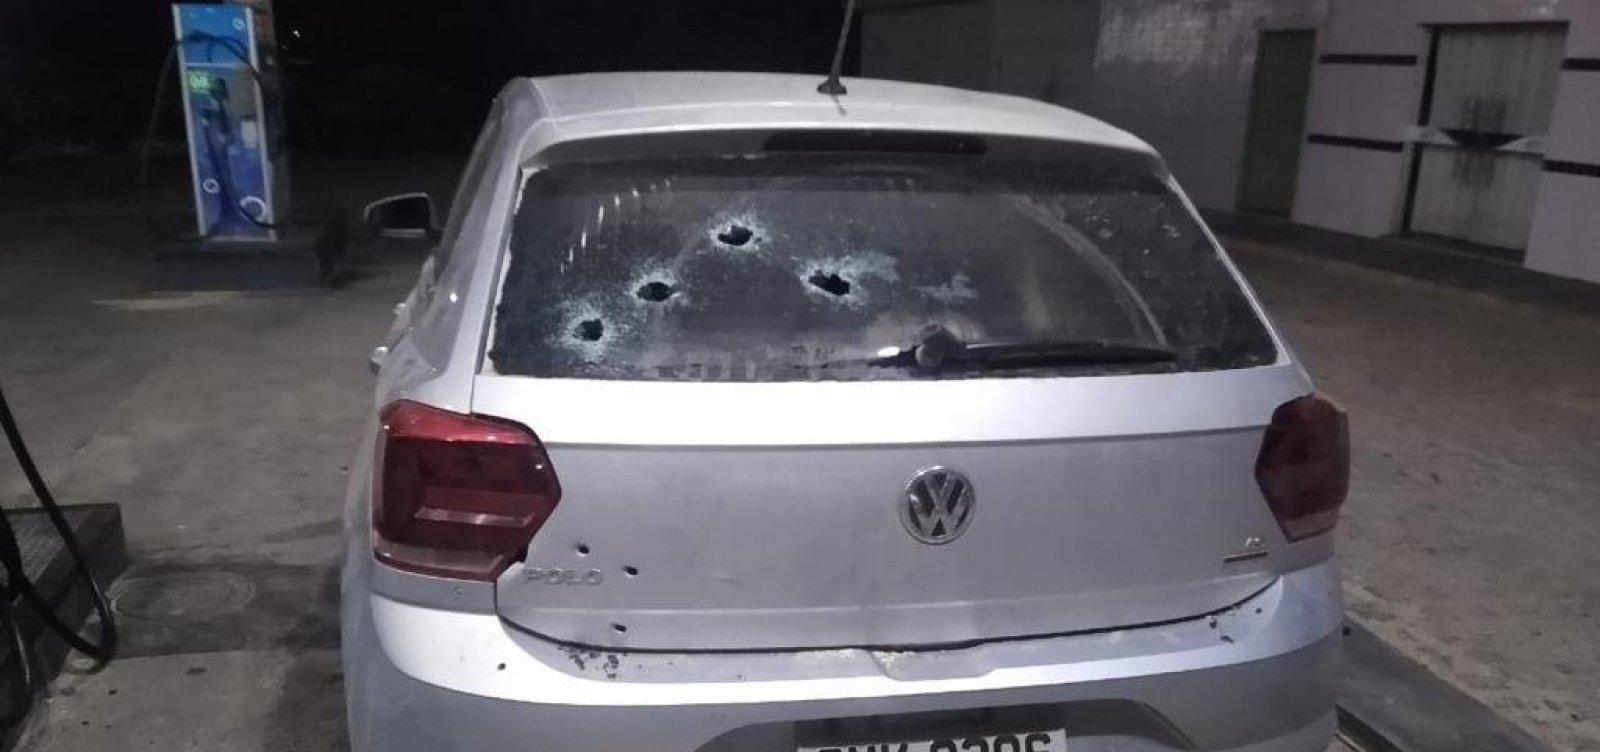 [Suspeitos de ataque a banco em Jeremoabo morrem em confronto com a polícia]